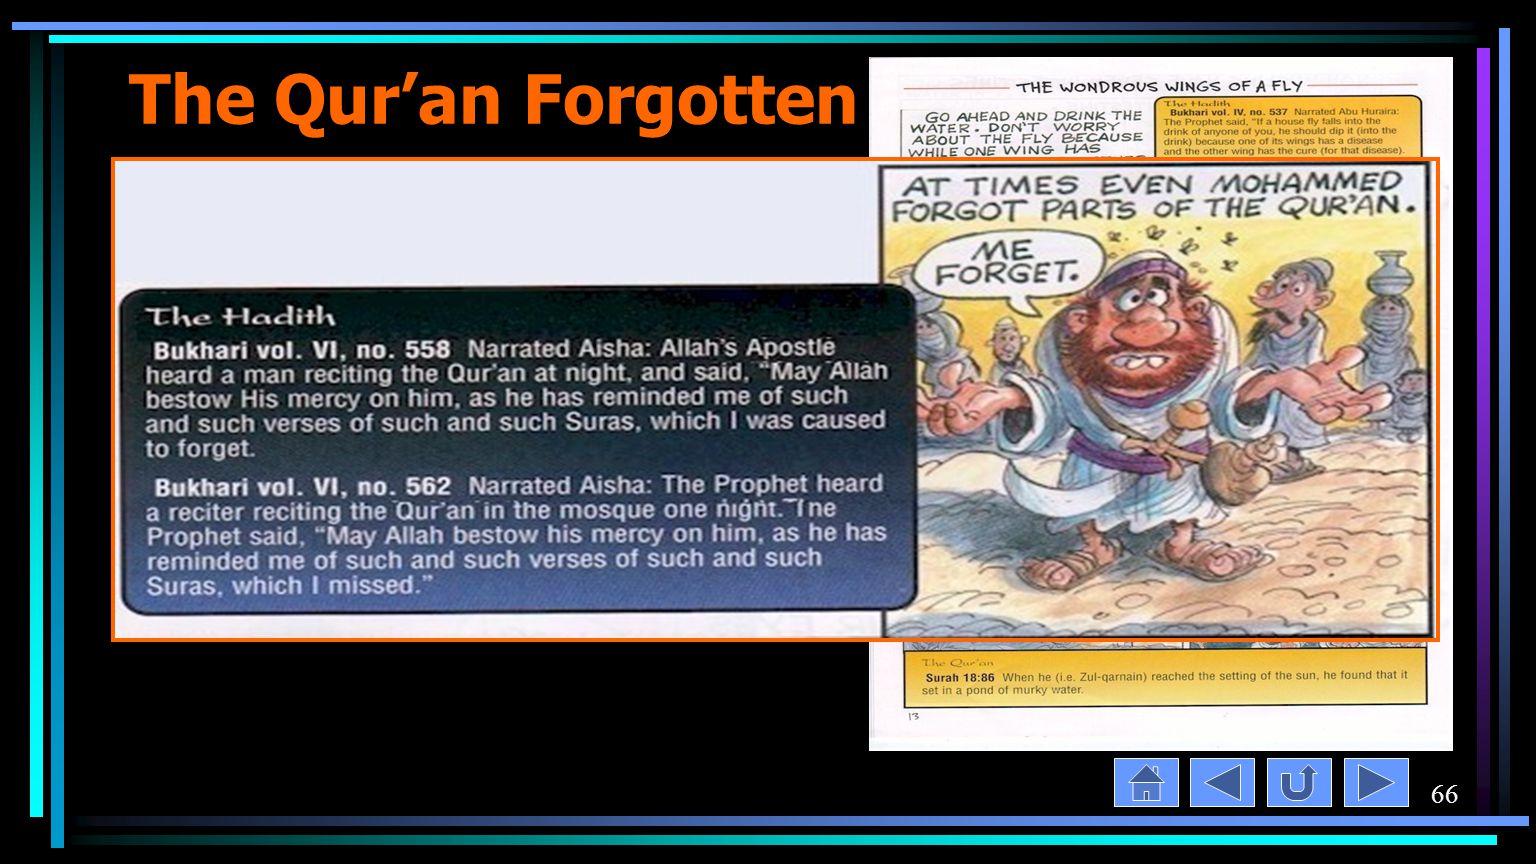 66 The Qur'an Forgotten